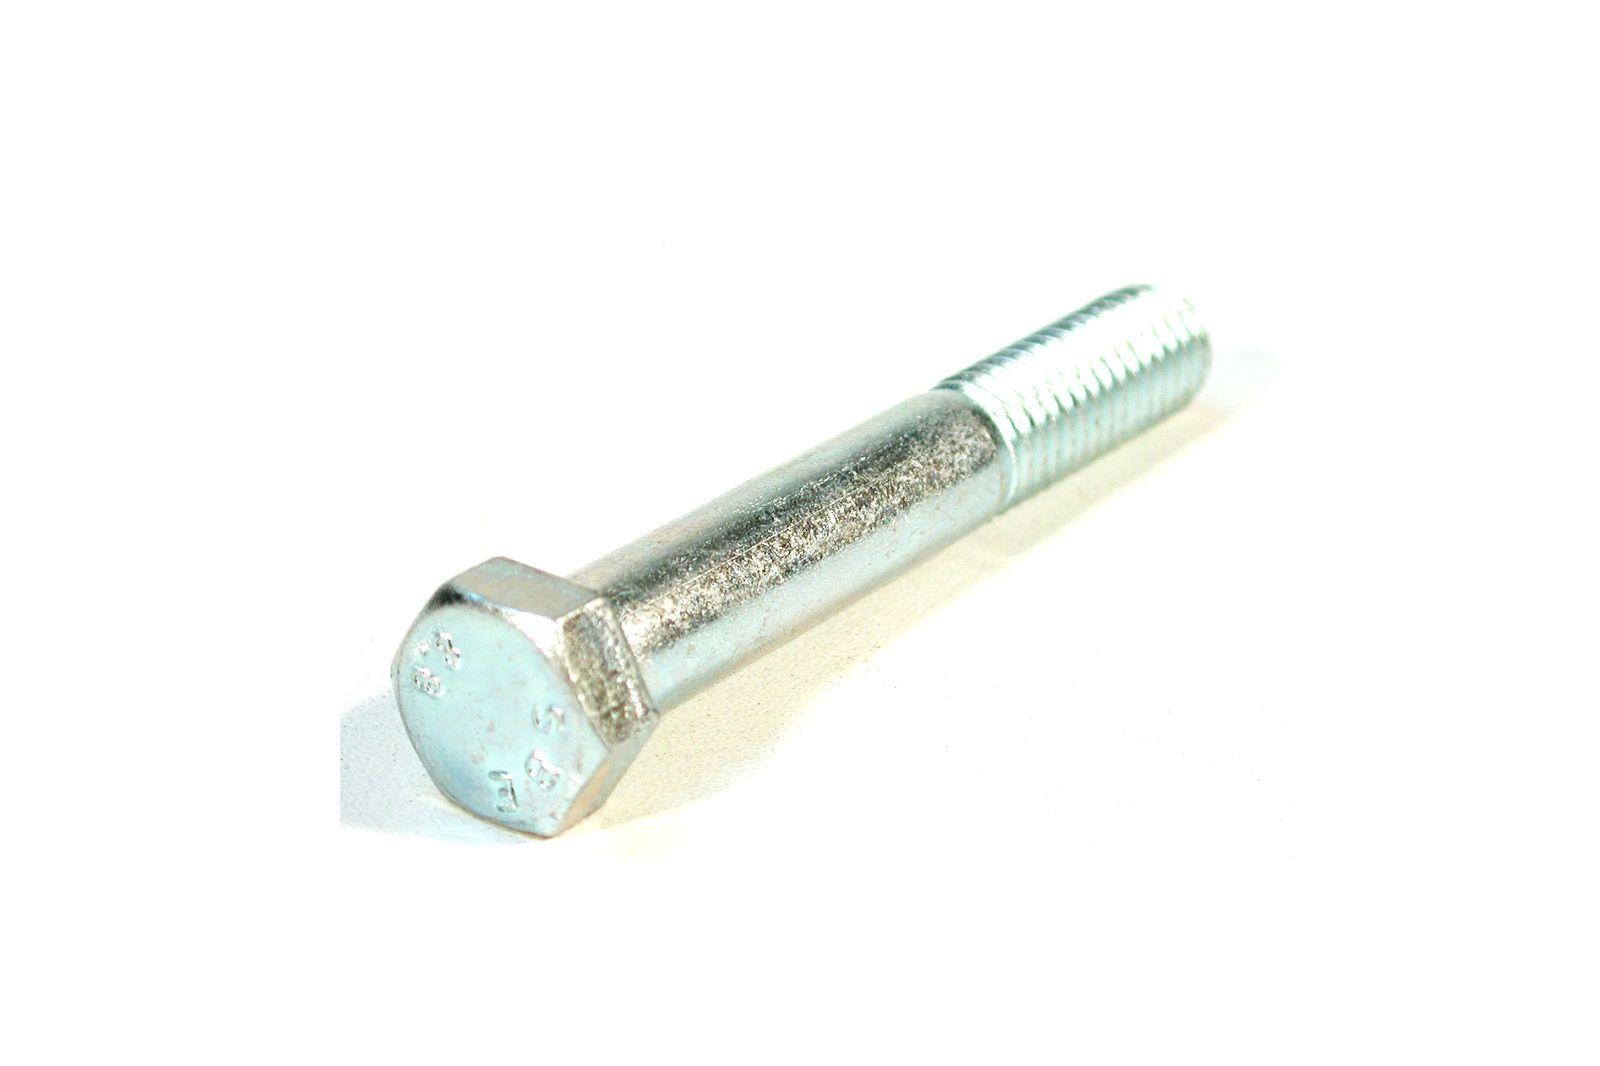 """#1001-56 Bolzen UNC 7/16"""" x 3"""", BH507241"""